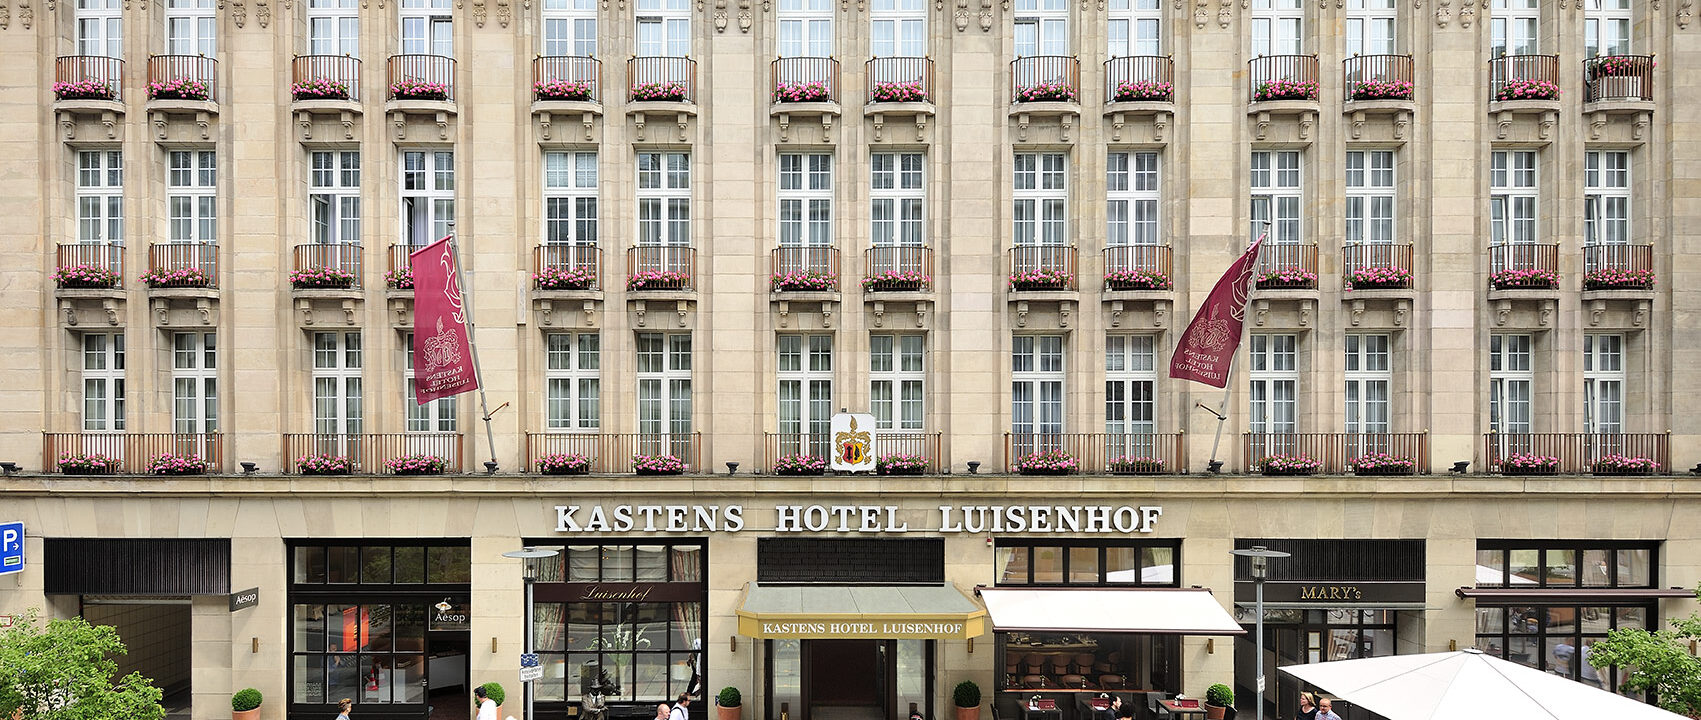 Kastens Hotel Luisenhof Außenansicht